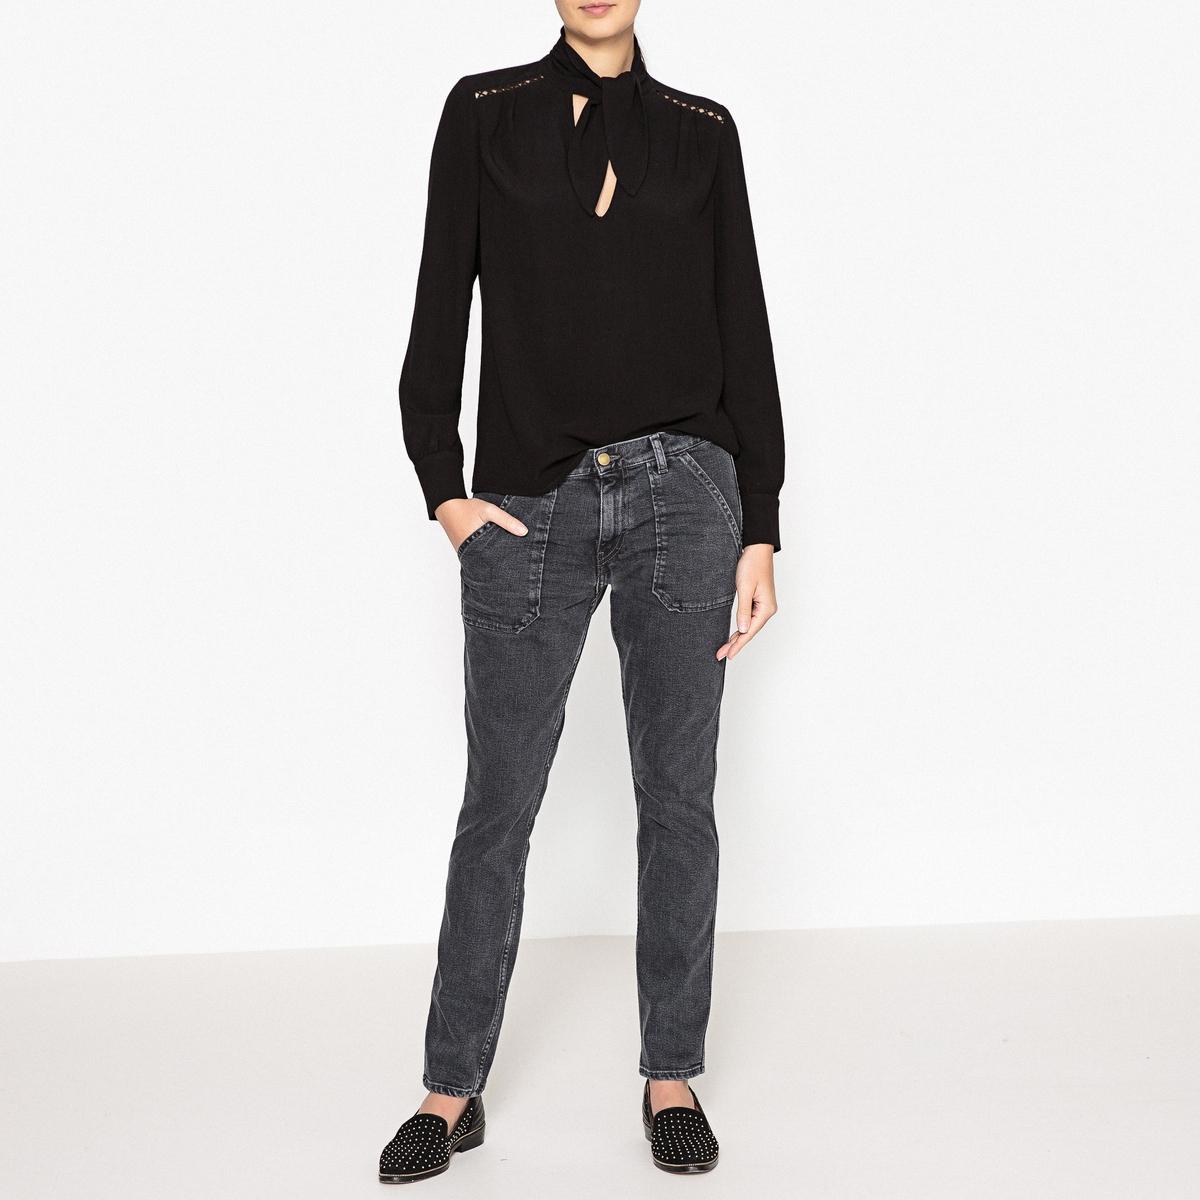 Блузка с оригинальным воротником MAXOUСвободная блузка с длинными рукавами BA&amp;SH - модель  MAXOU с галстуком-бантом и ажурными деталями.Детали •  Длинные рукава •  Прямой покрой •  Галстук-бантСостав и уход •  100% вискоза •  Следуйте советам по уходу, указанным на этикетке<br><br>Цвет: черный